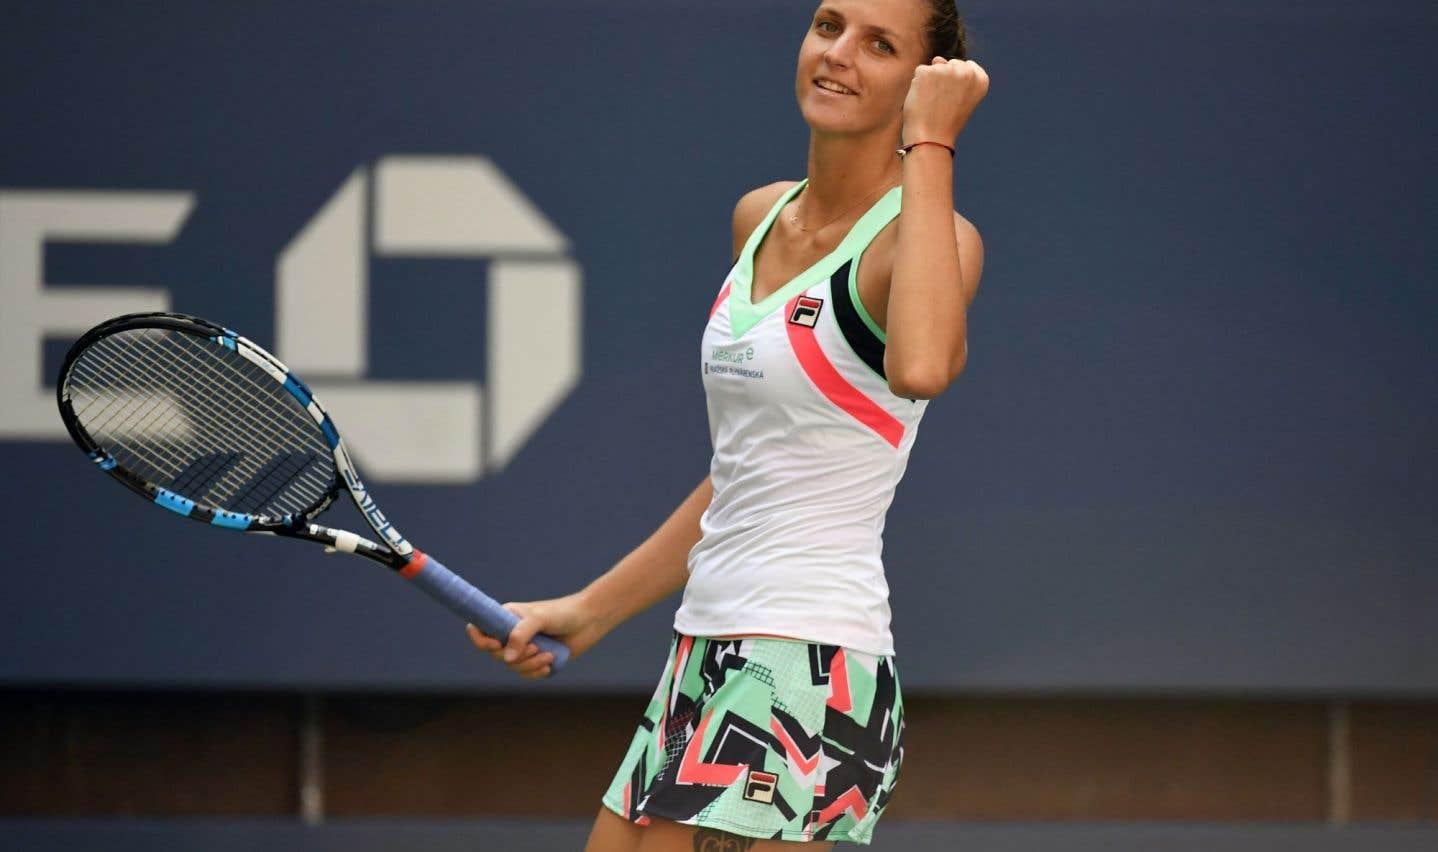 Karolina Pliskova affrontera en quart de finale la 20e tête de série Coco Vandeweghe.